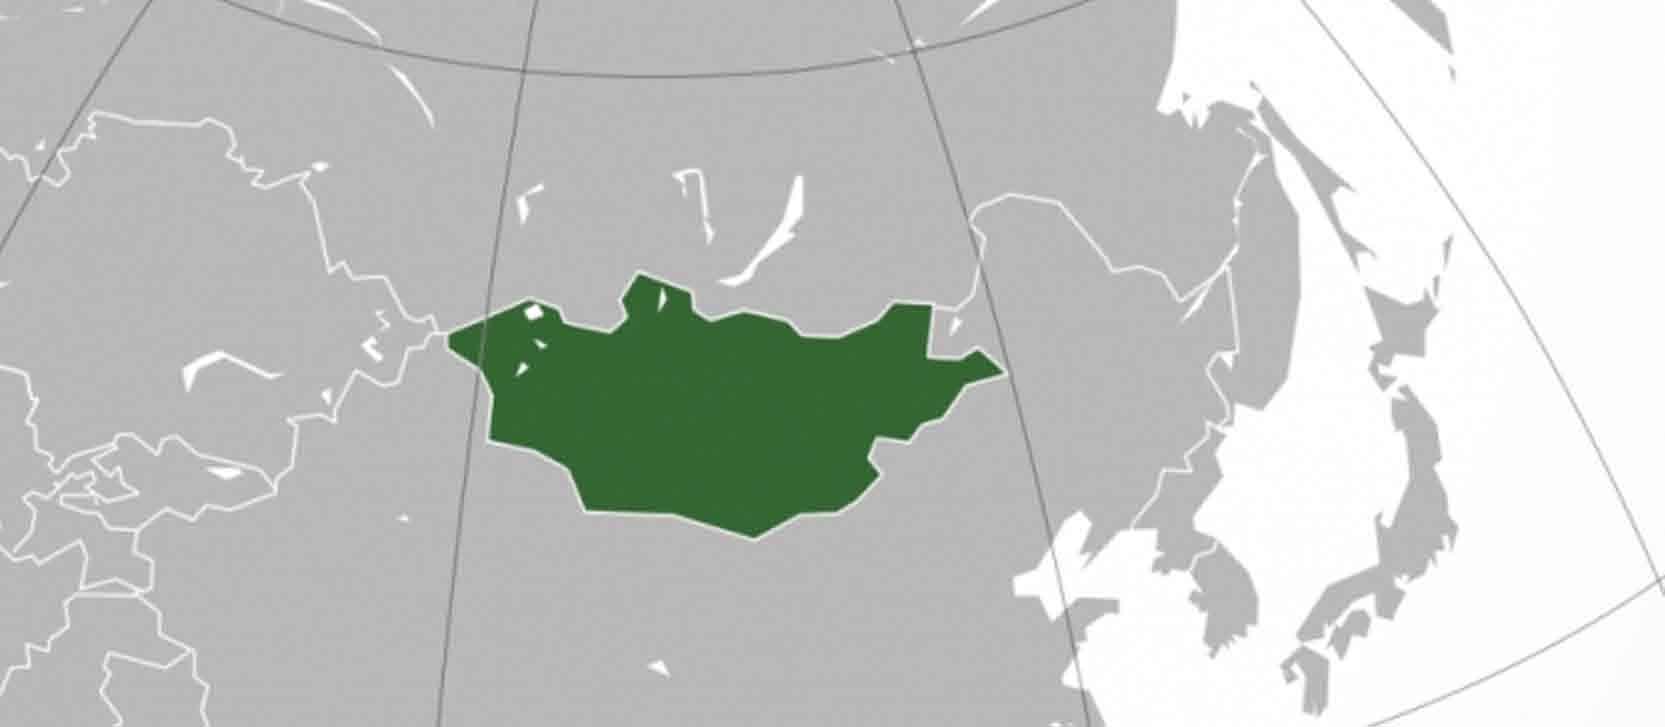 Бид Өмнөд Монгол, Буриад, Тува, Халимагуудаа барьж өгдгөө болих хэрэгтэй